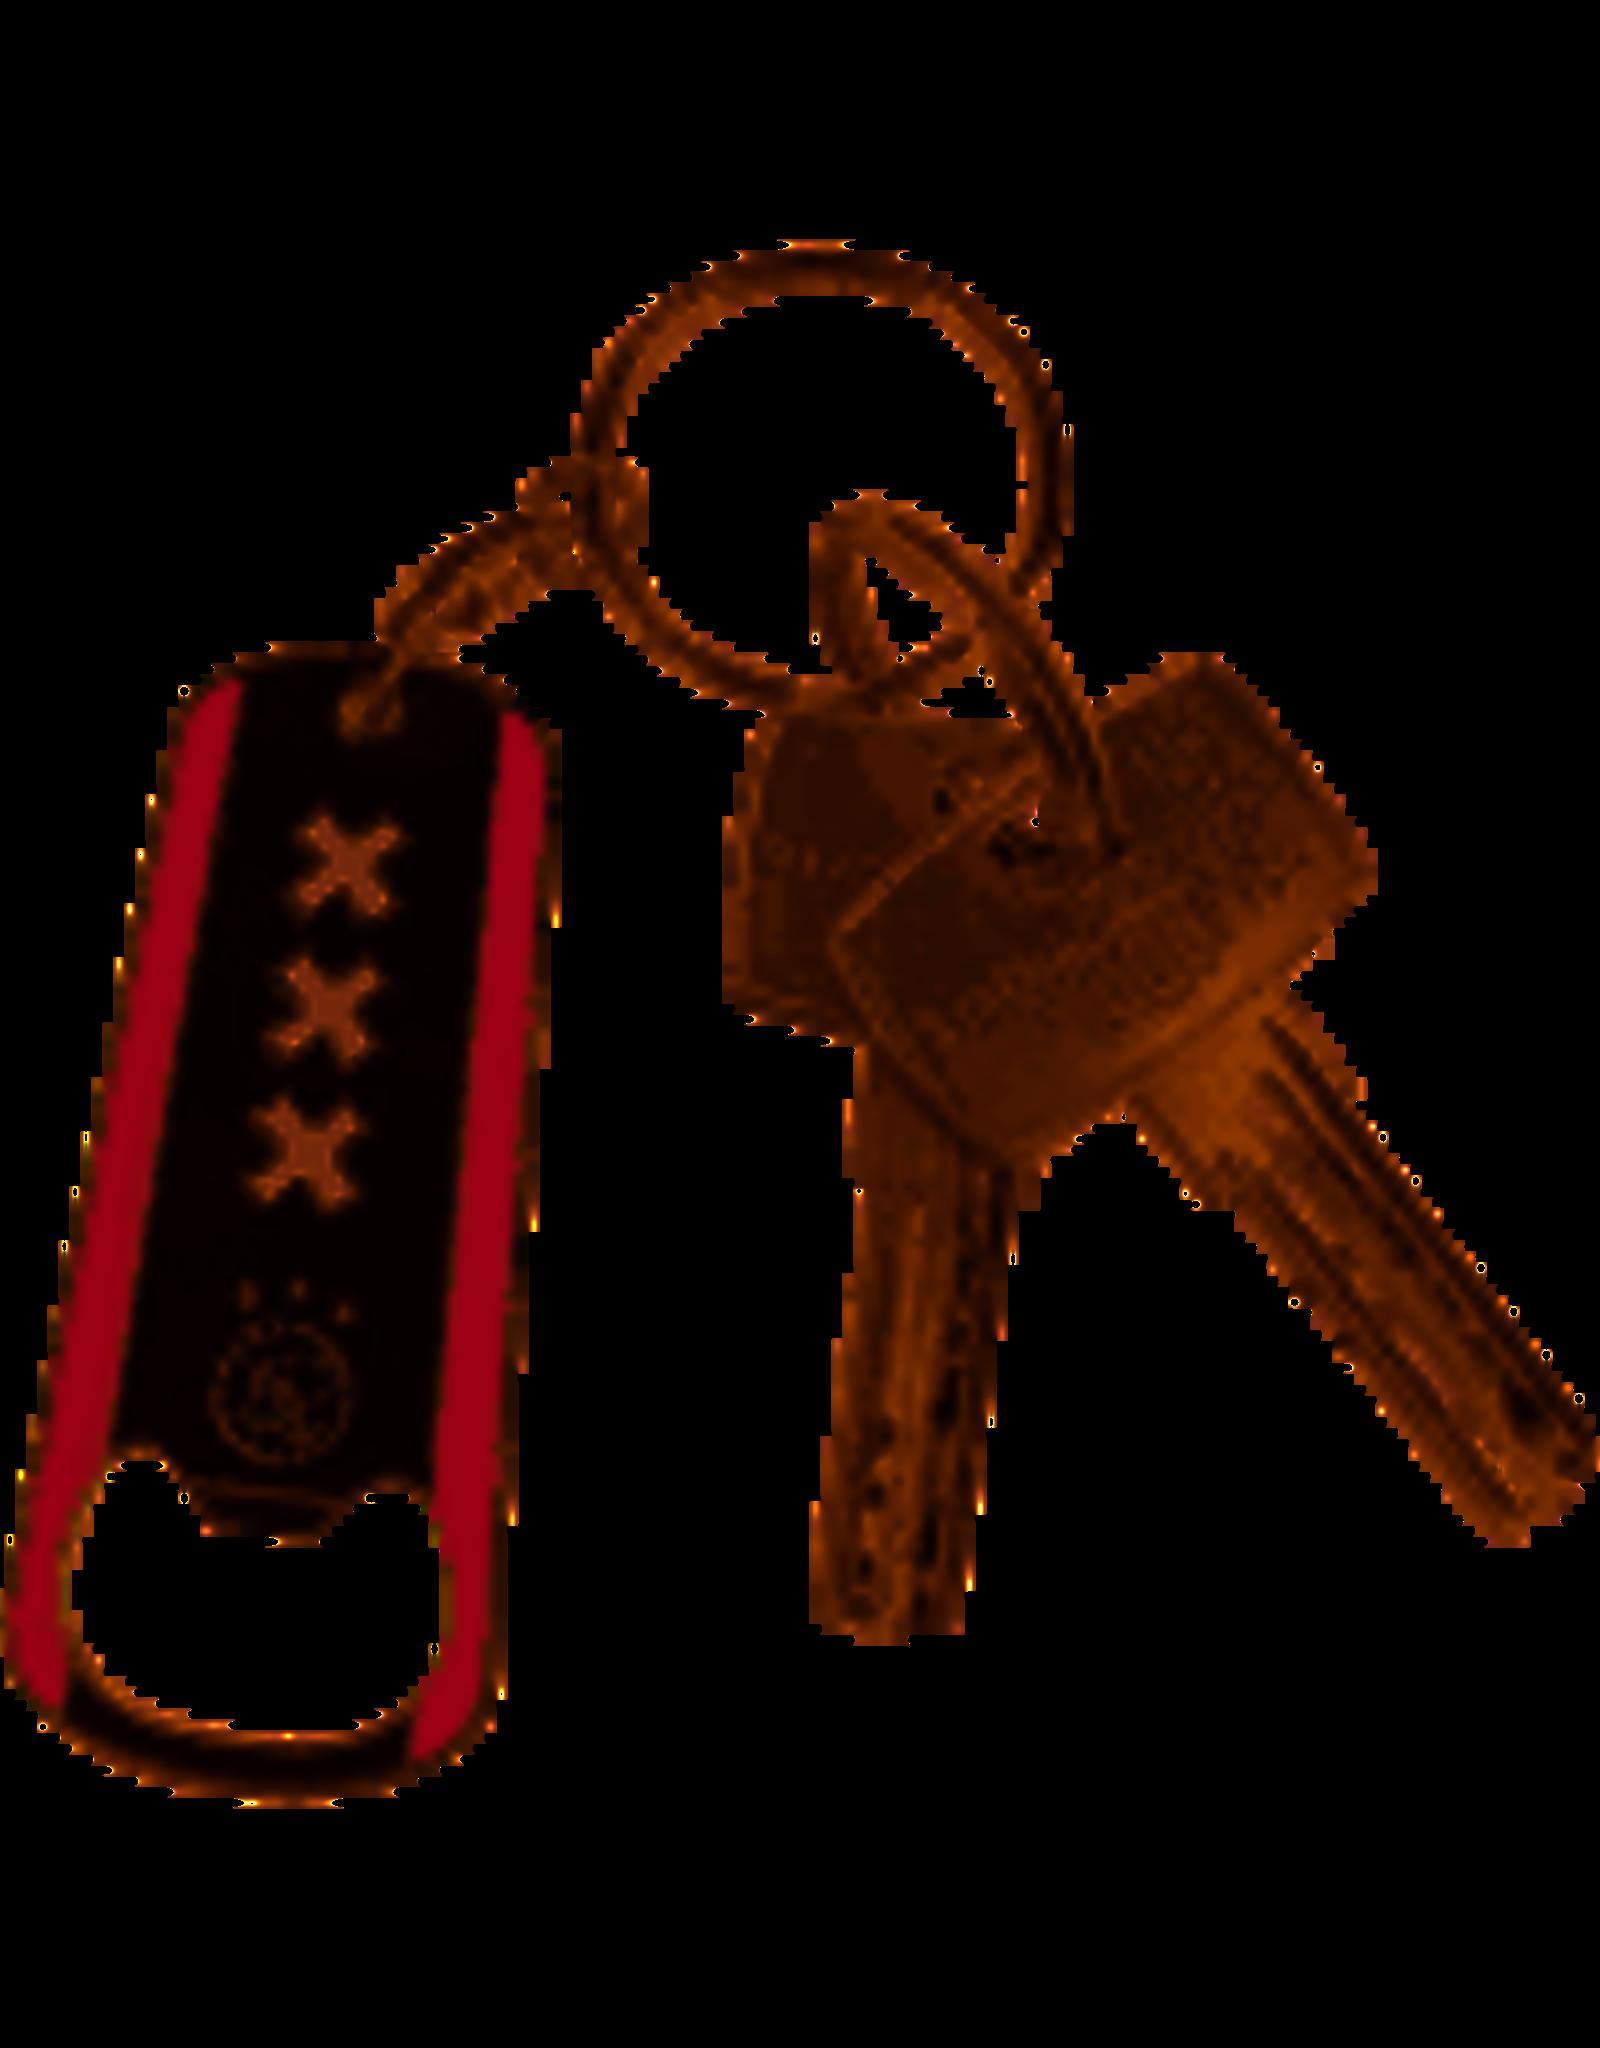 Ajax-sleutelhanger opener zwart/rood logo